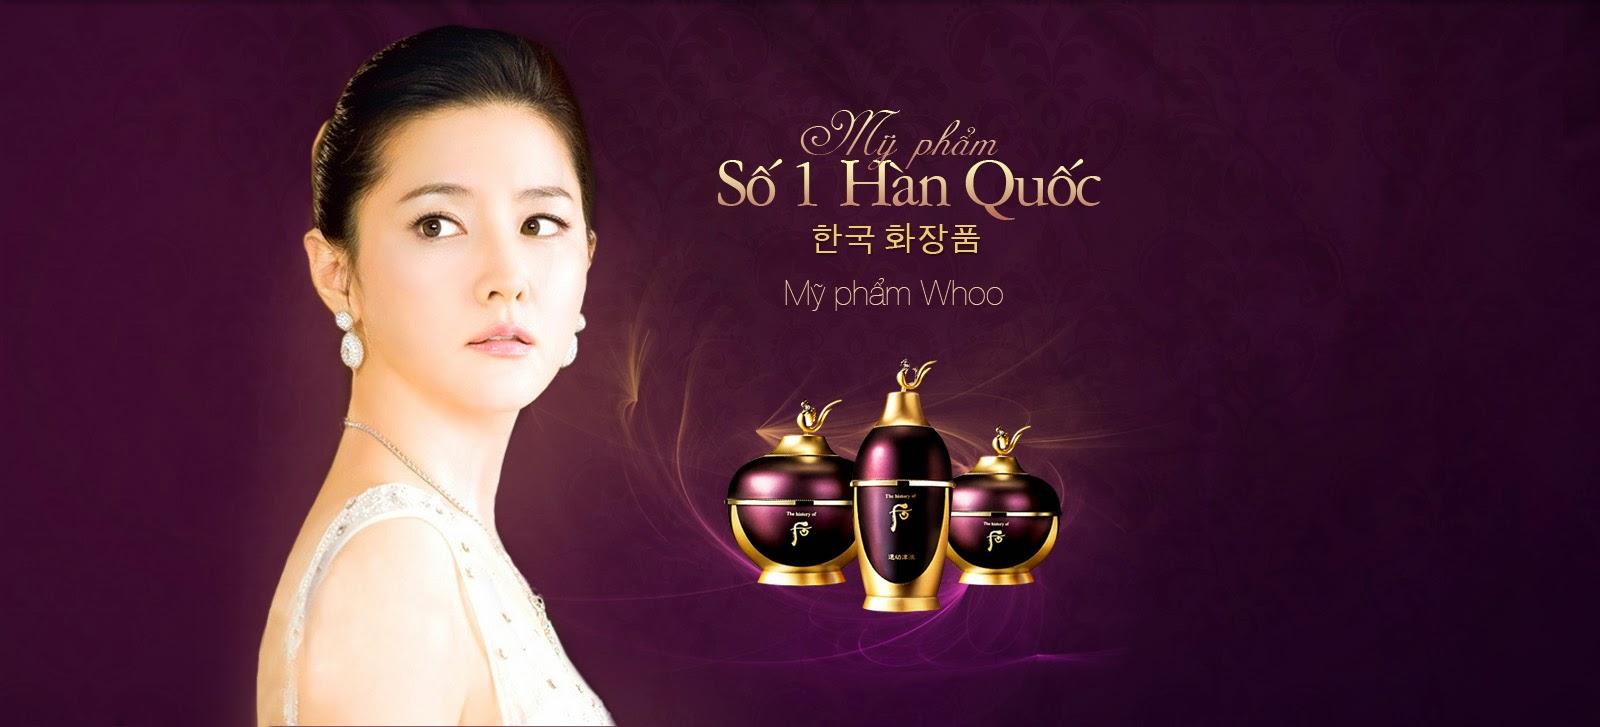 Mỹ phẩm Ohui Whoo Hàn Quốc Banner 1